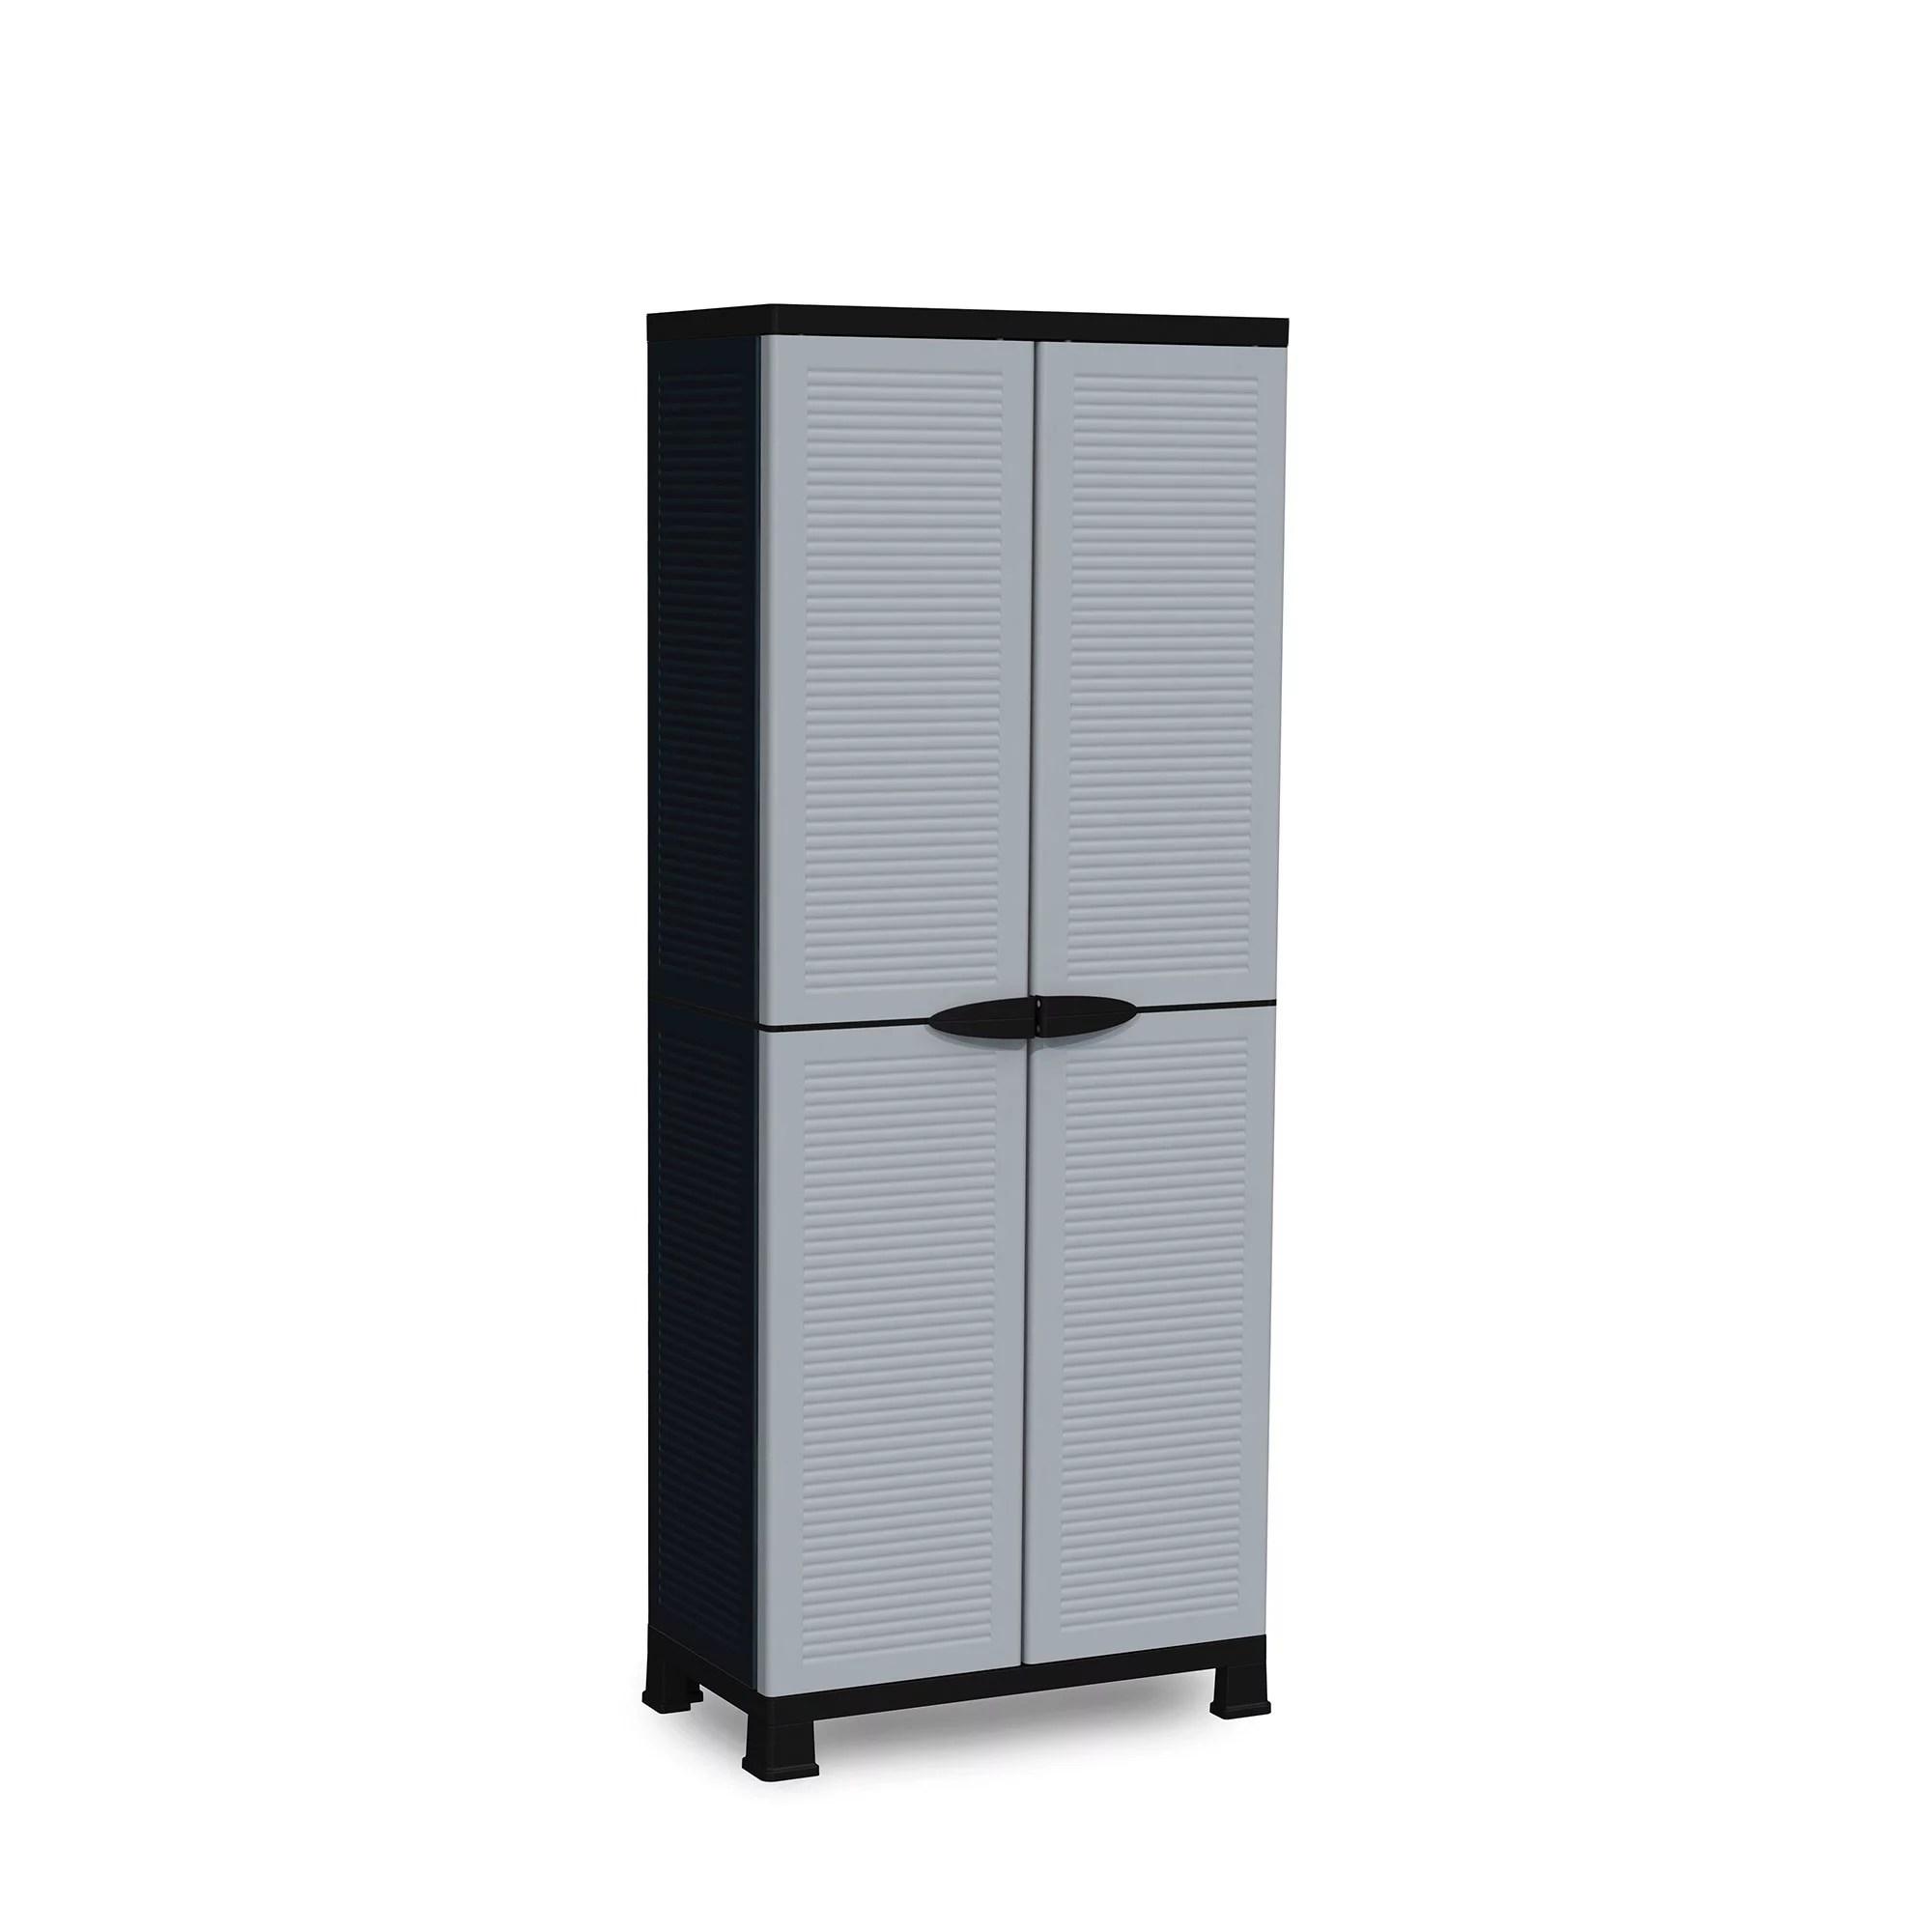 ram quality products prestige utility 3 shelf lockable storage cabinet black